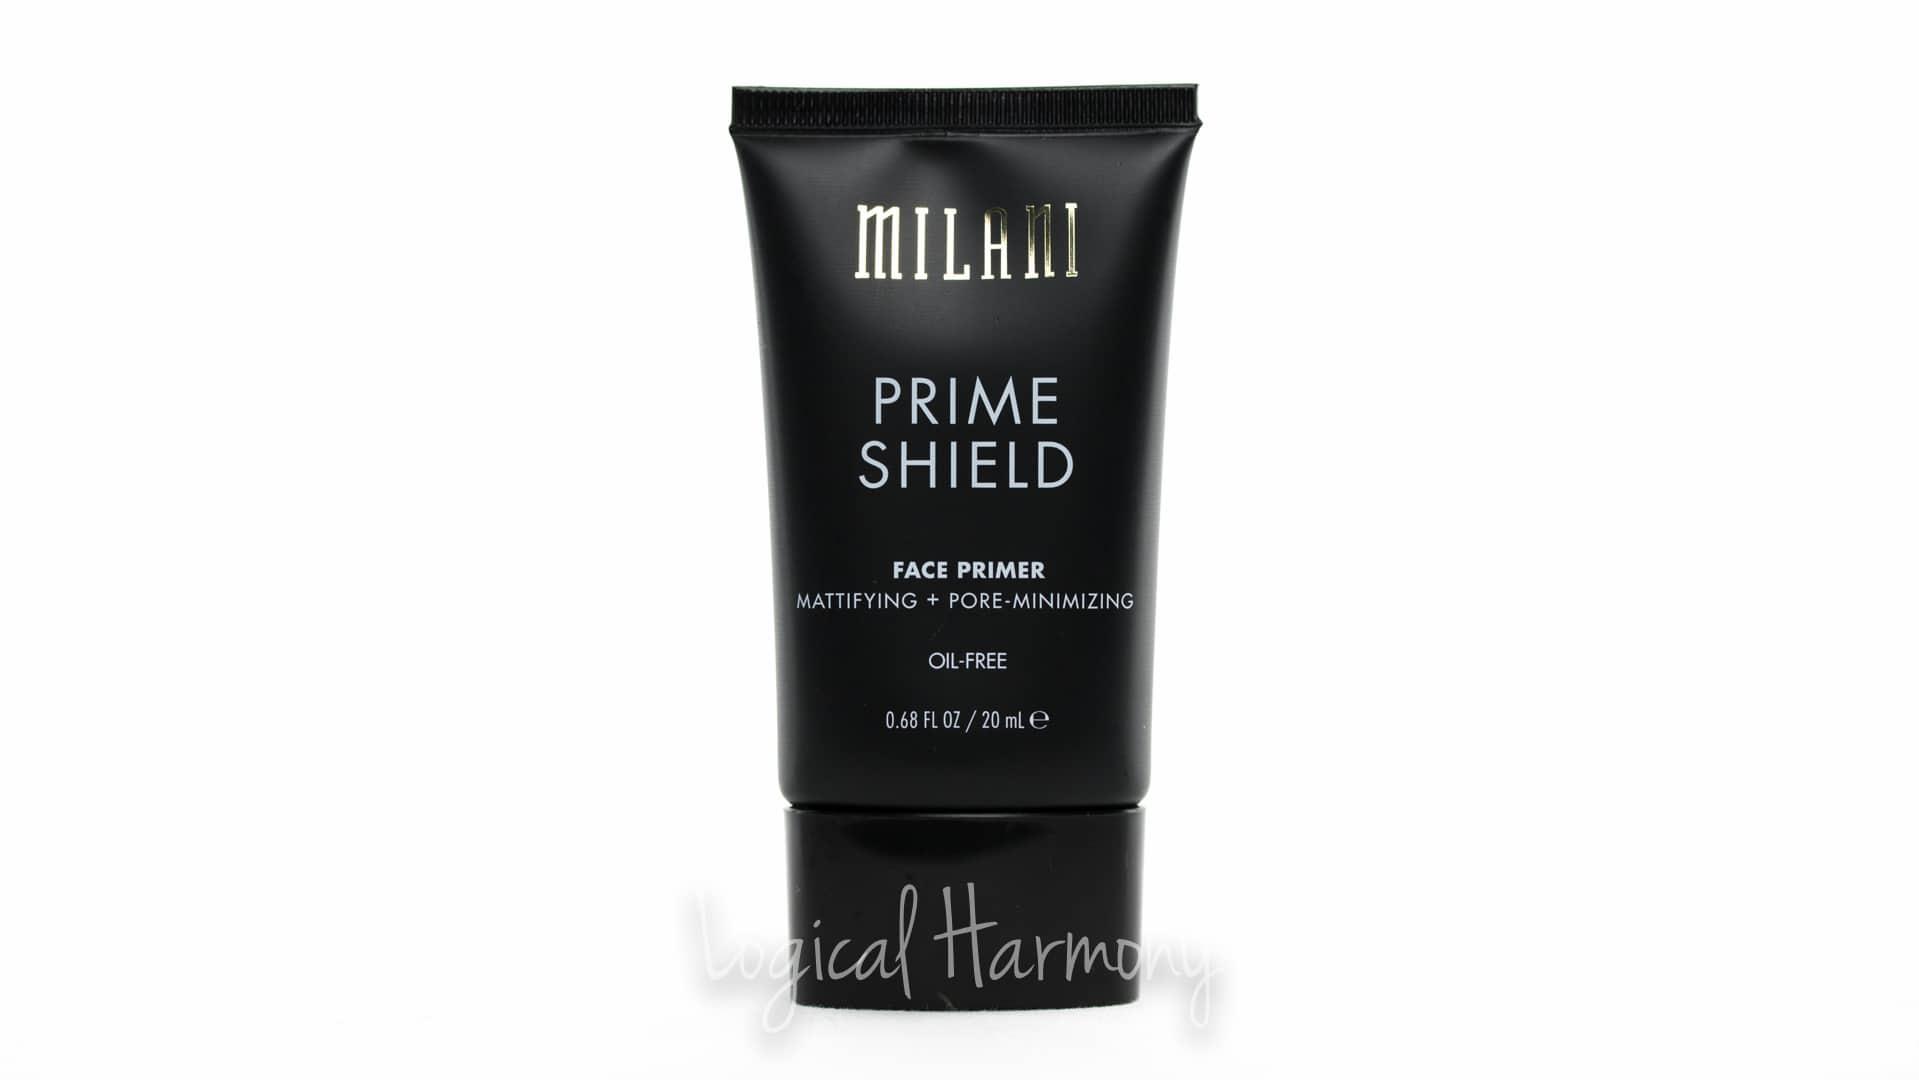 Milani Prime Shield Mattifying + Pore-Minimizing Face Primer Review